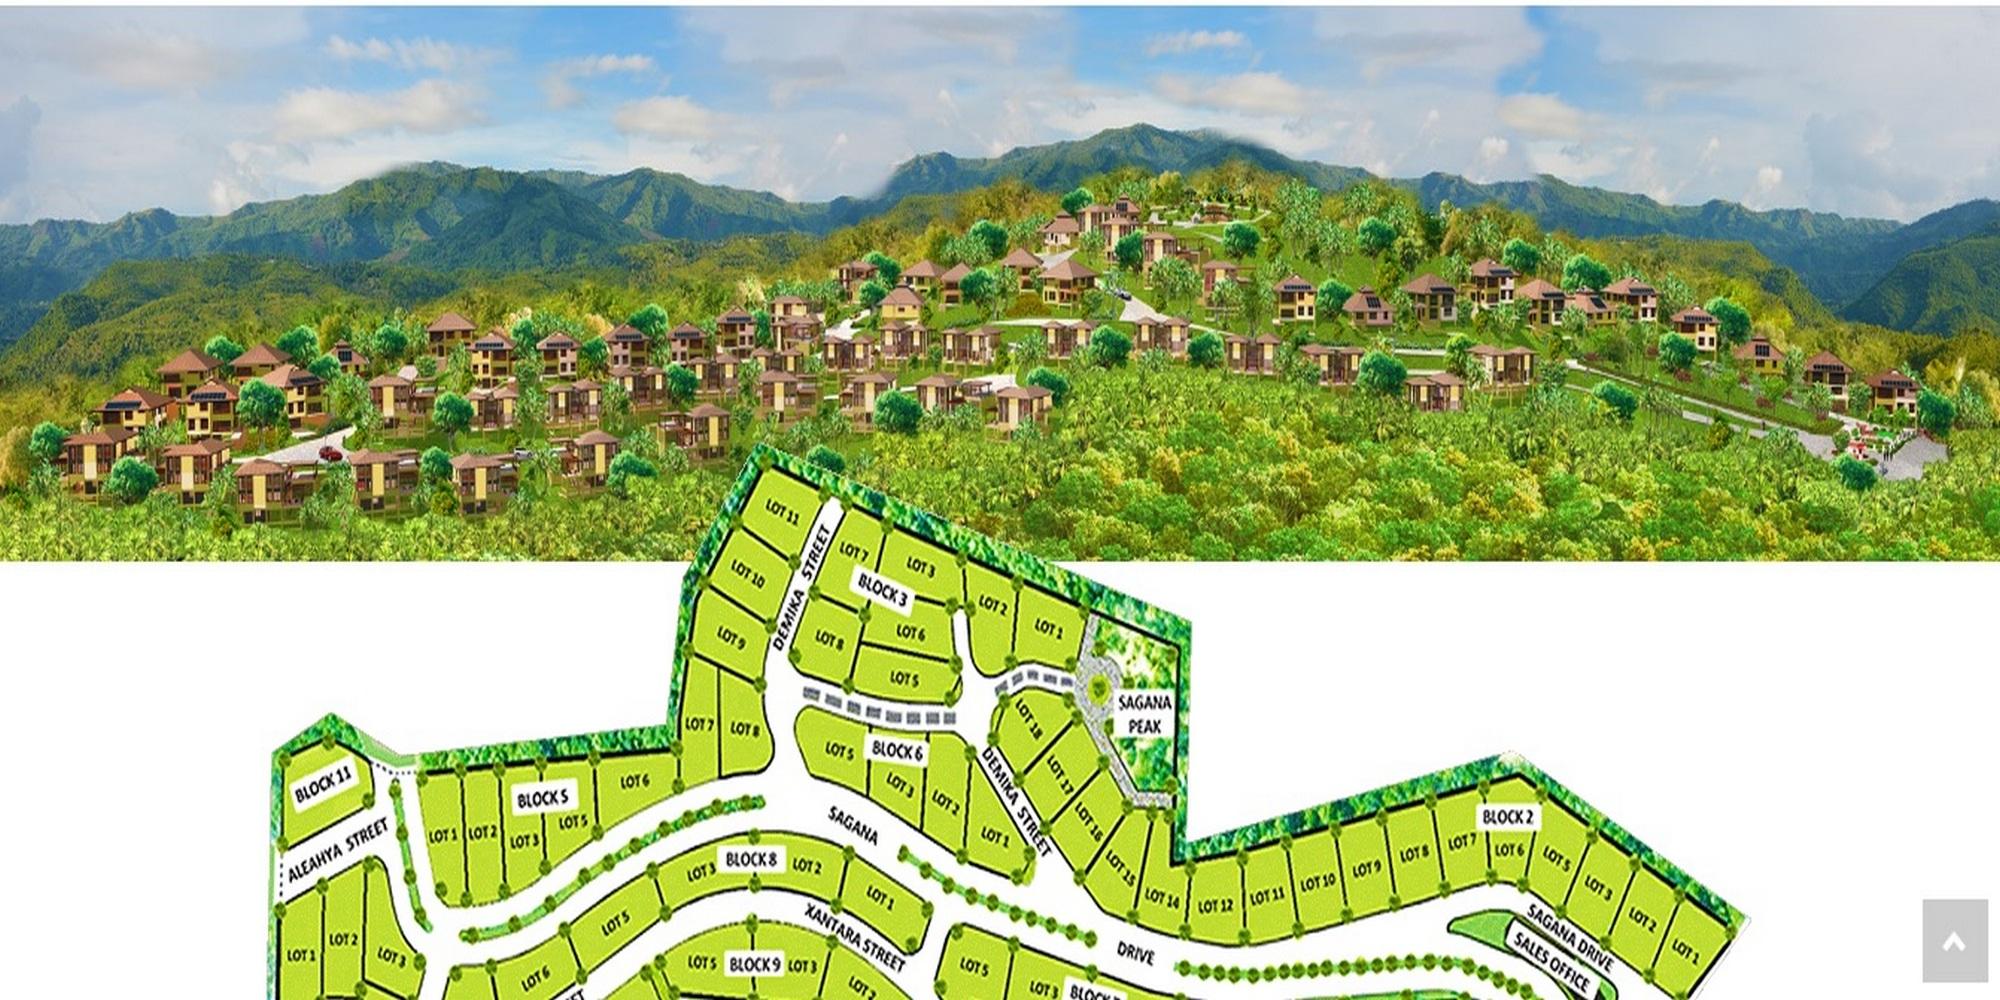 Amonsagana Retirement Village in Balamban Cebu